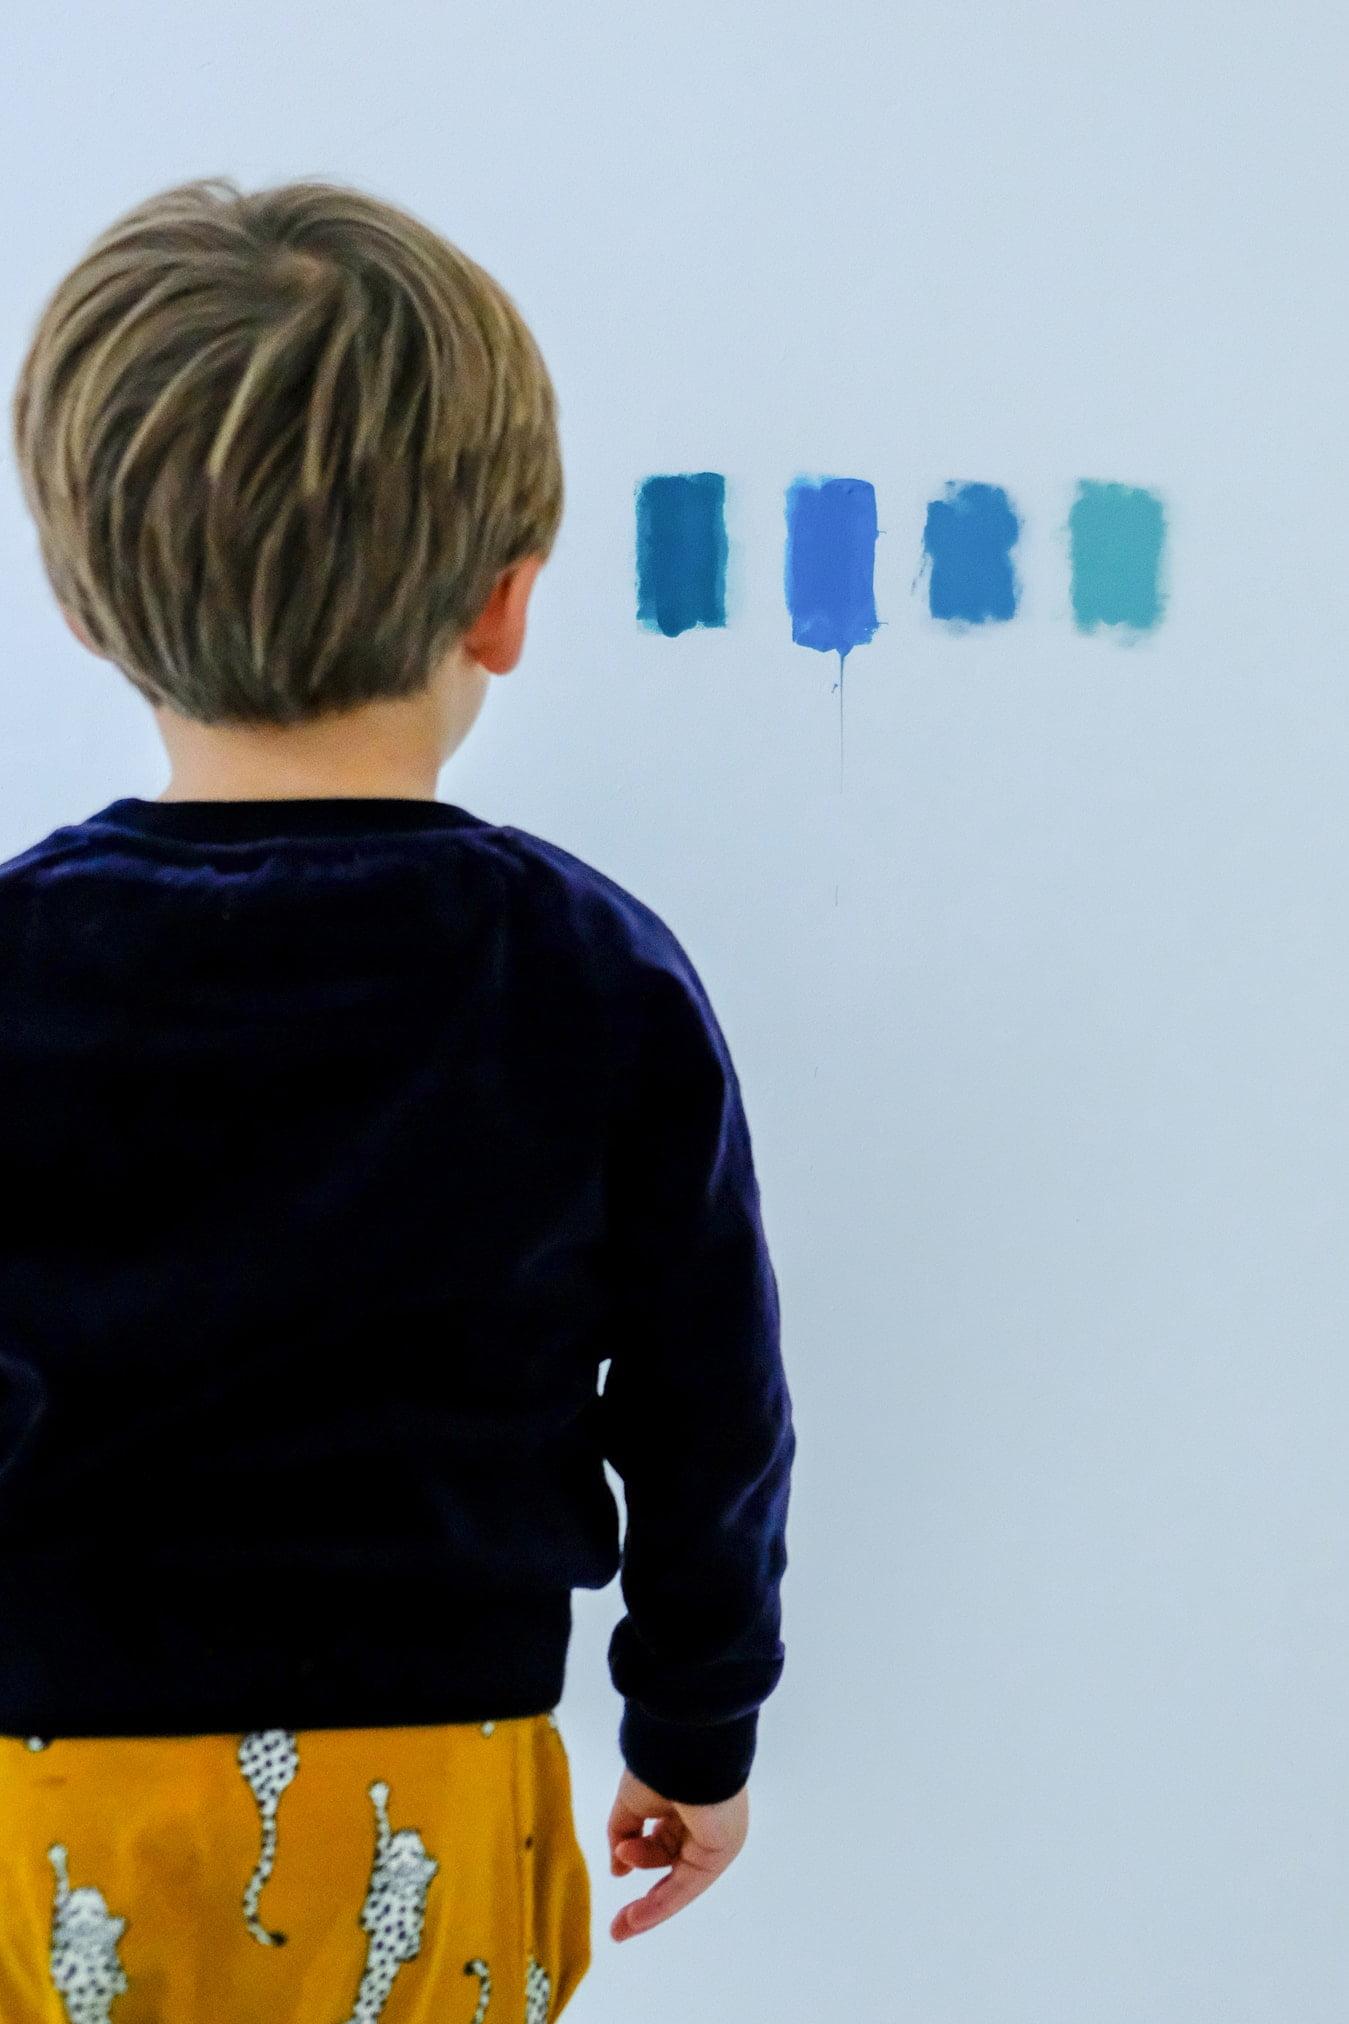 blauwe en groene kleurtesters van Flexa